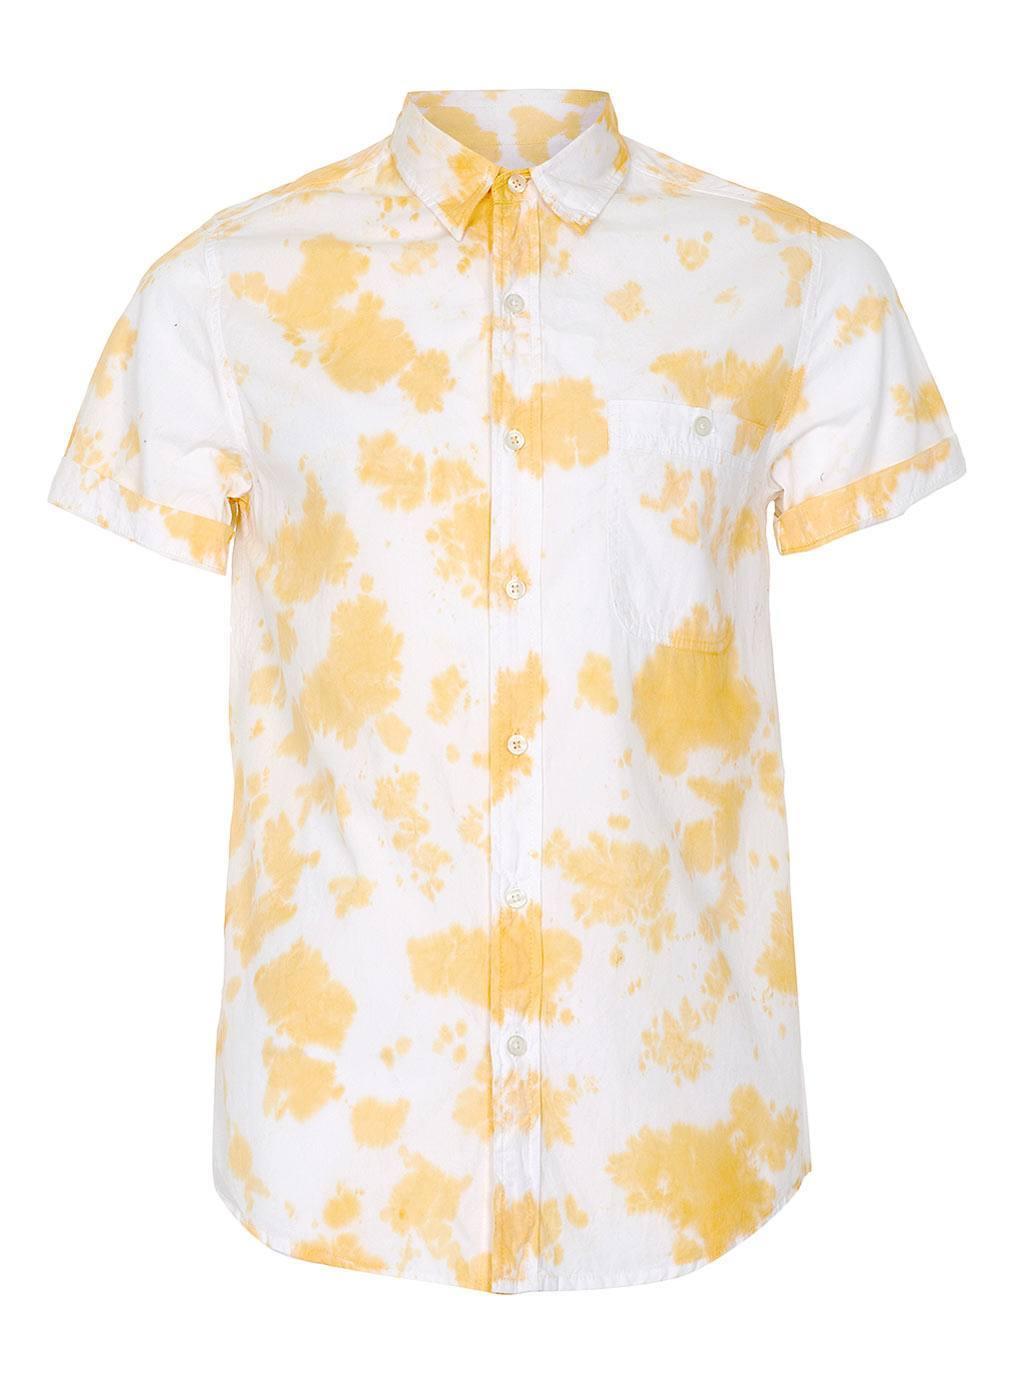 camisa-estampada-topman-rebajas-verano-2013